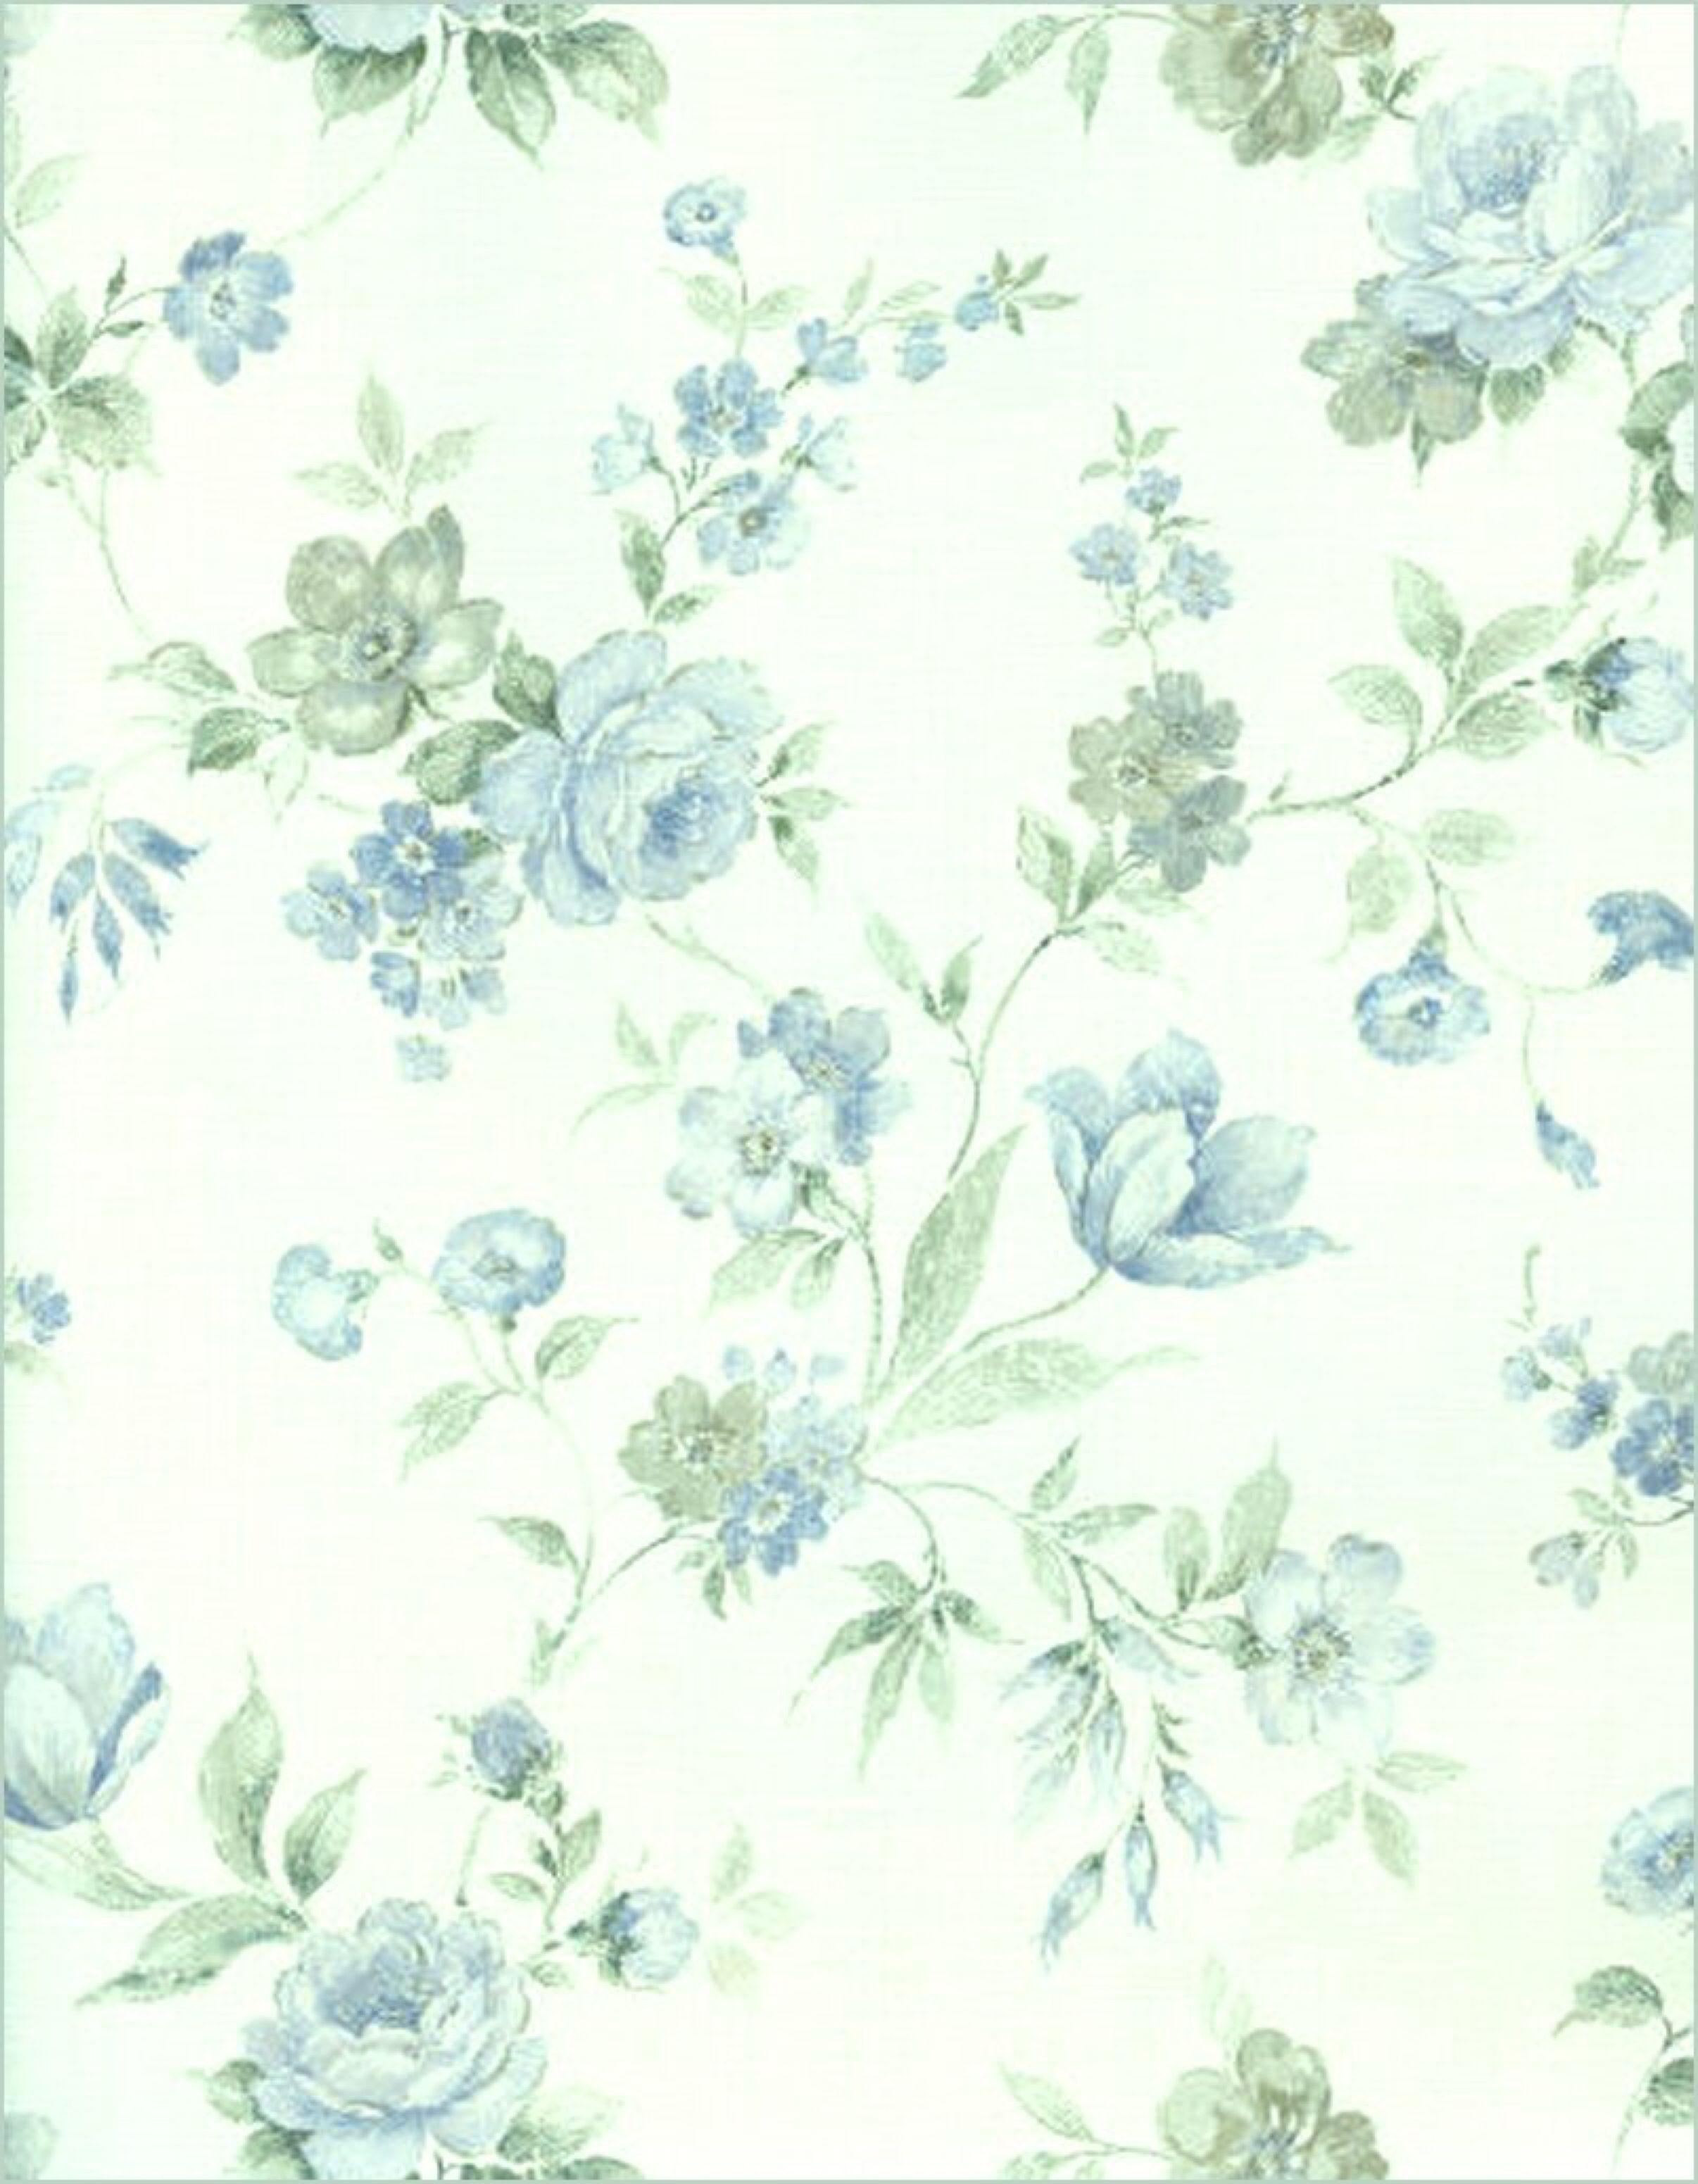 Blue And White Floral By Bnspyrd On Deviantart Vintage Flowers Wallpaper Vintage Paper Background Paper Pattern Vintage